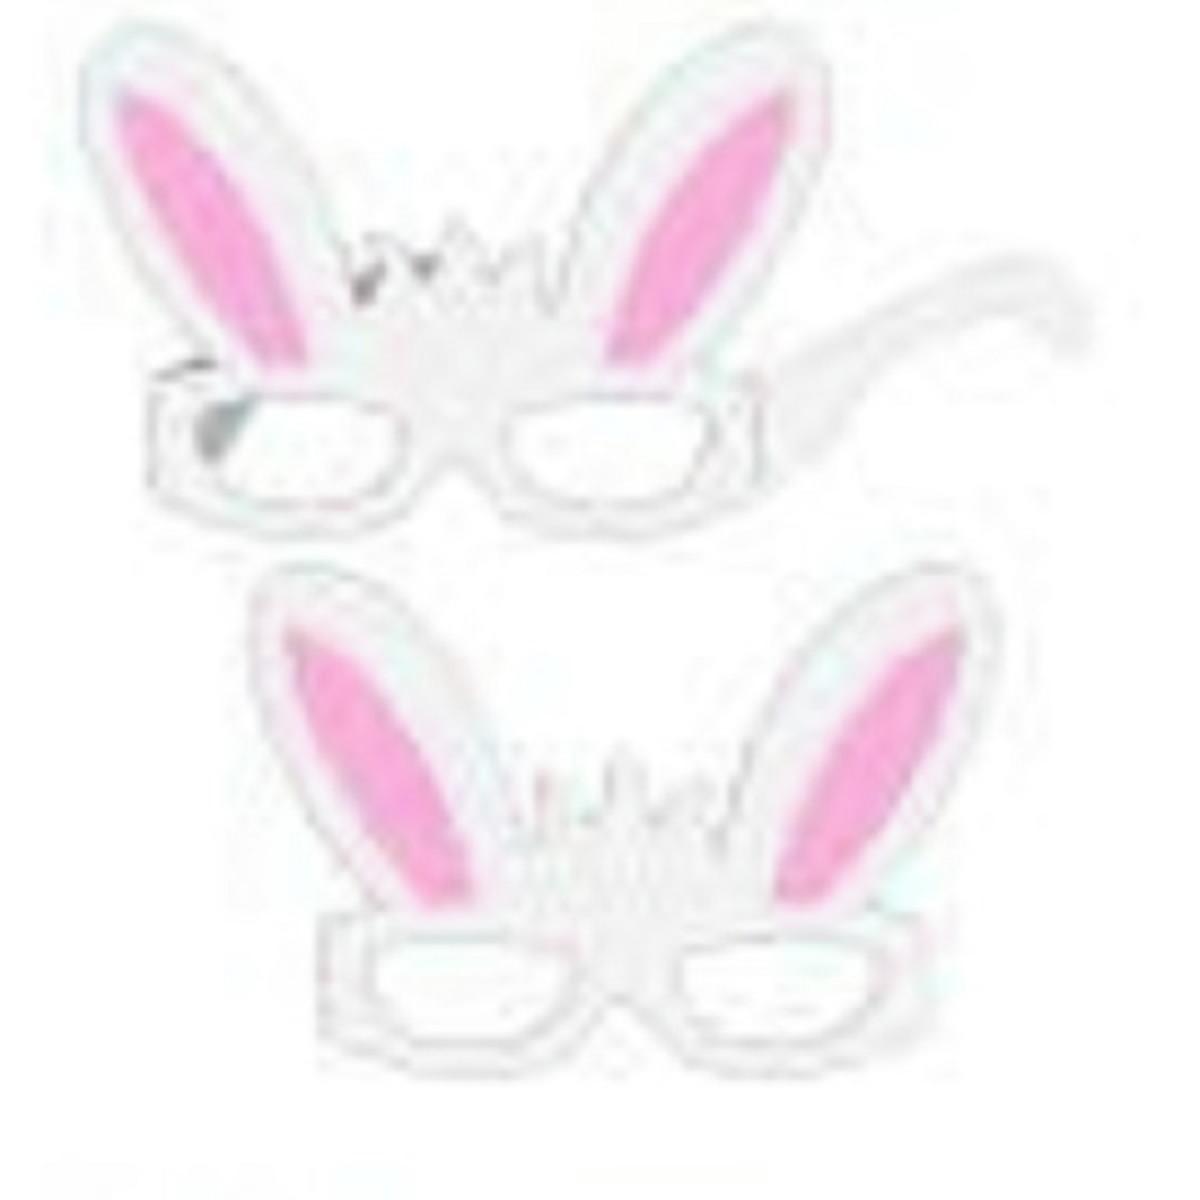 Arquivo De Corte Silhouette Mascara Oculos Coelho Menino No Elo7